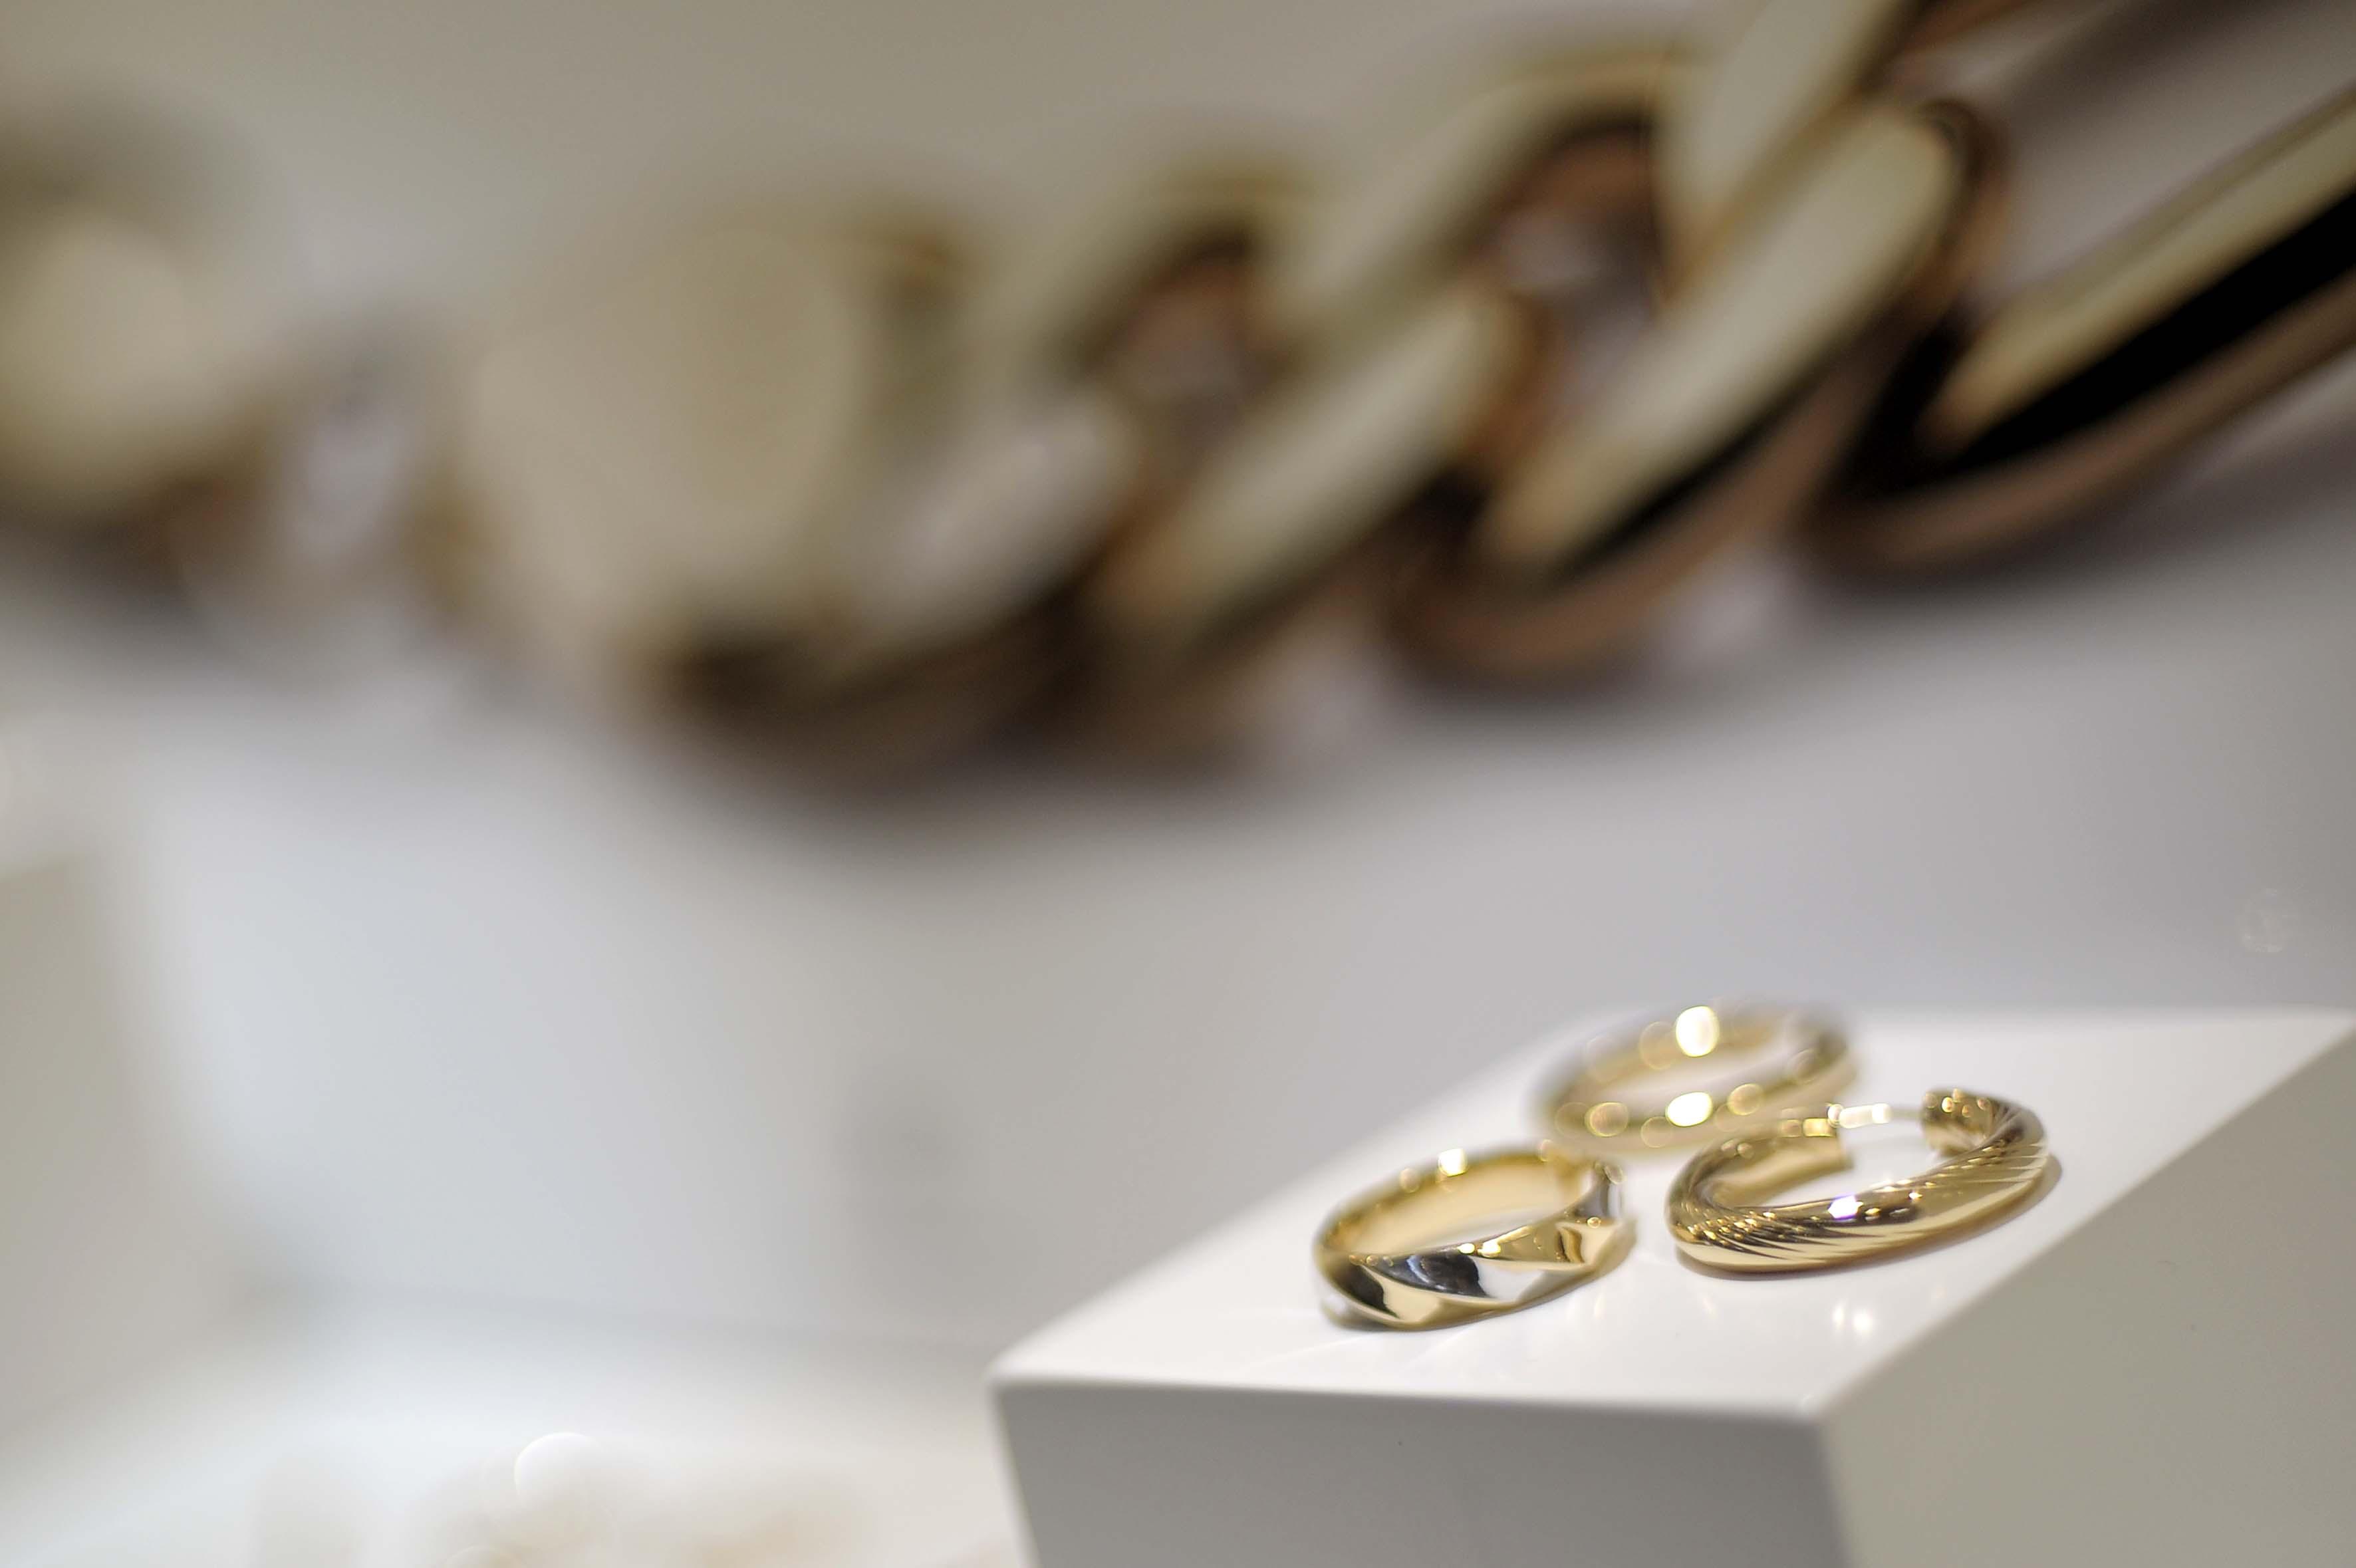 Matrimonio In Separazione Dei Beni : Divisione e scioglimento della comunione legale dei coniugi